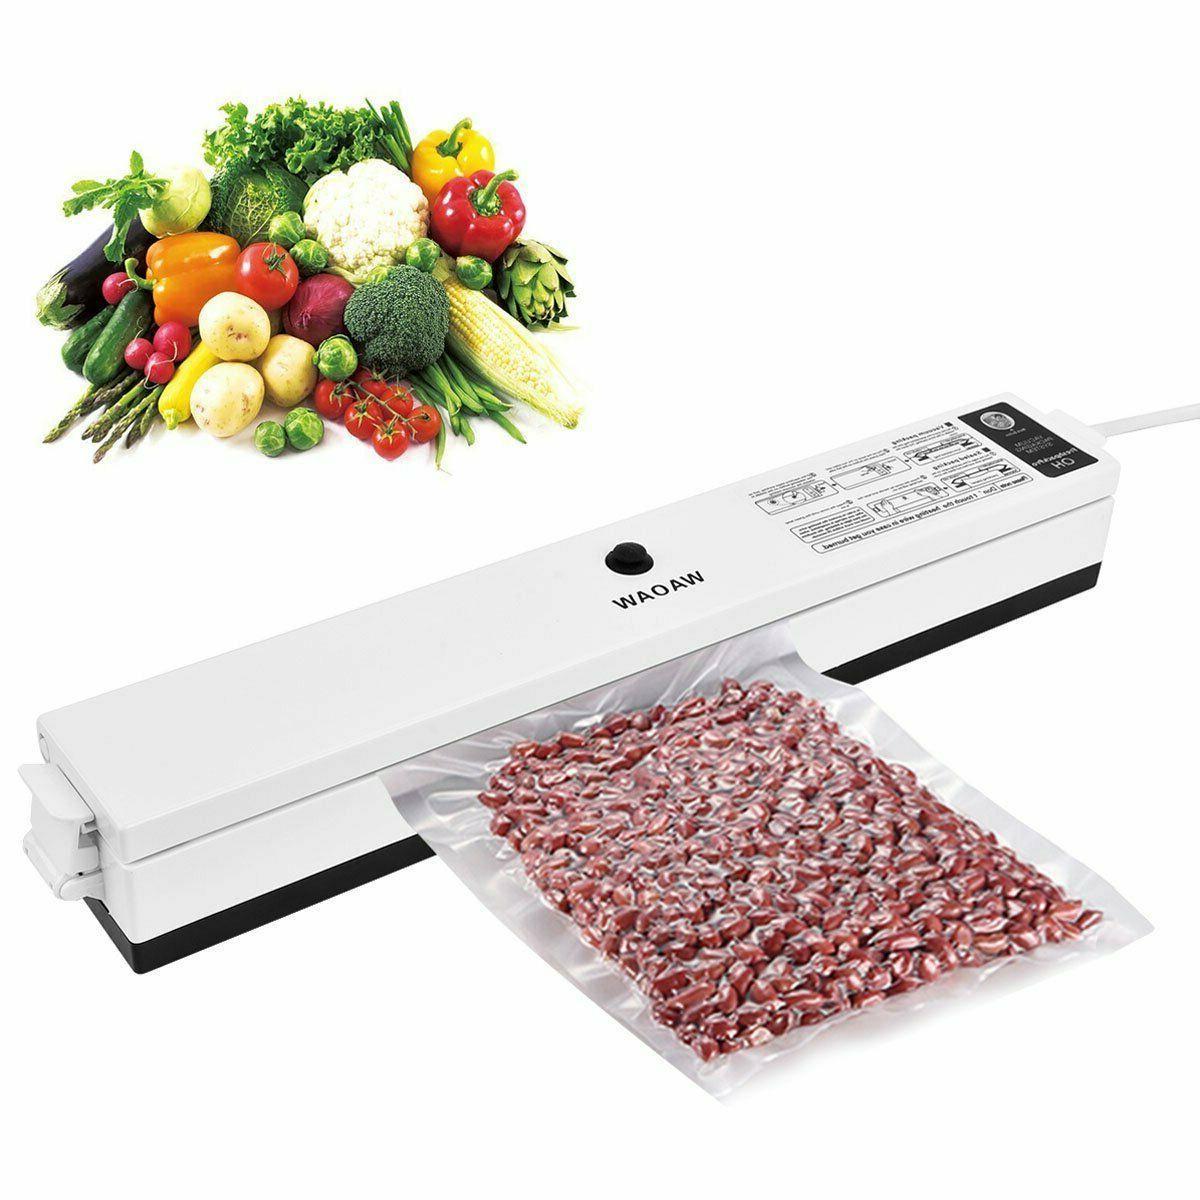 machine food sealers maquina selladores de alimentos